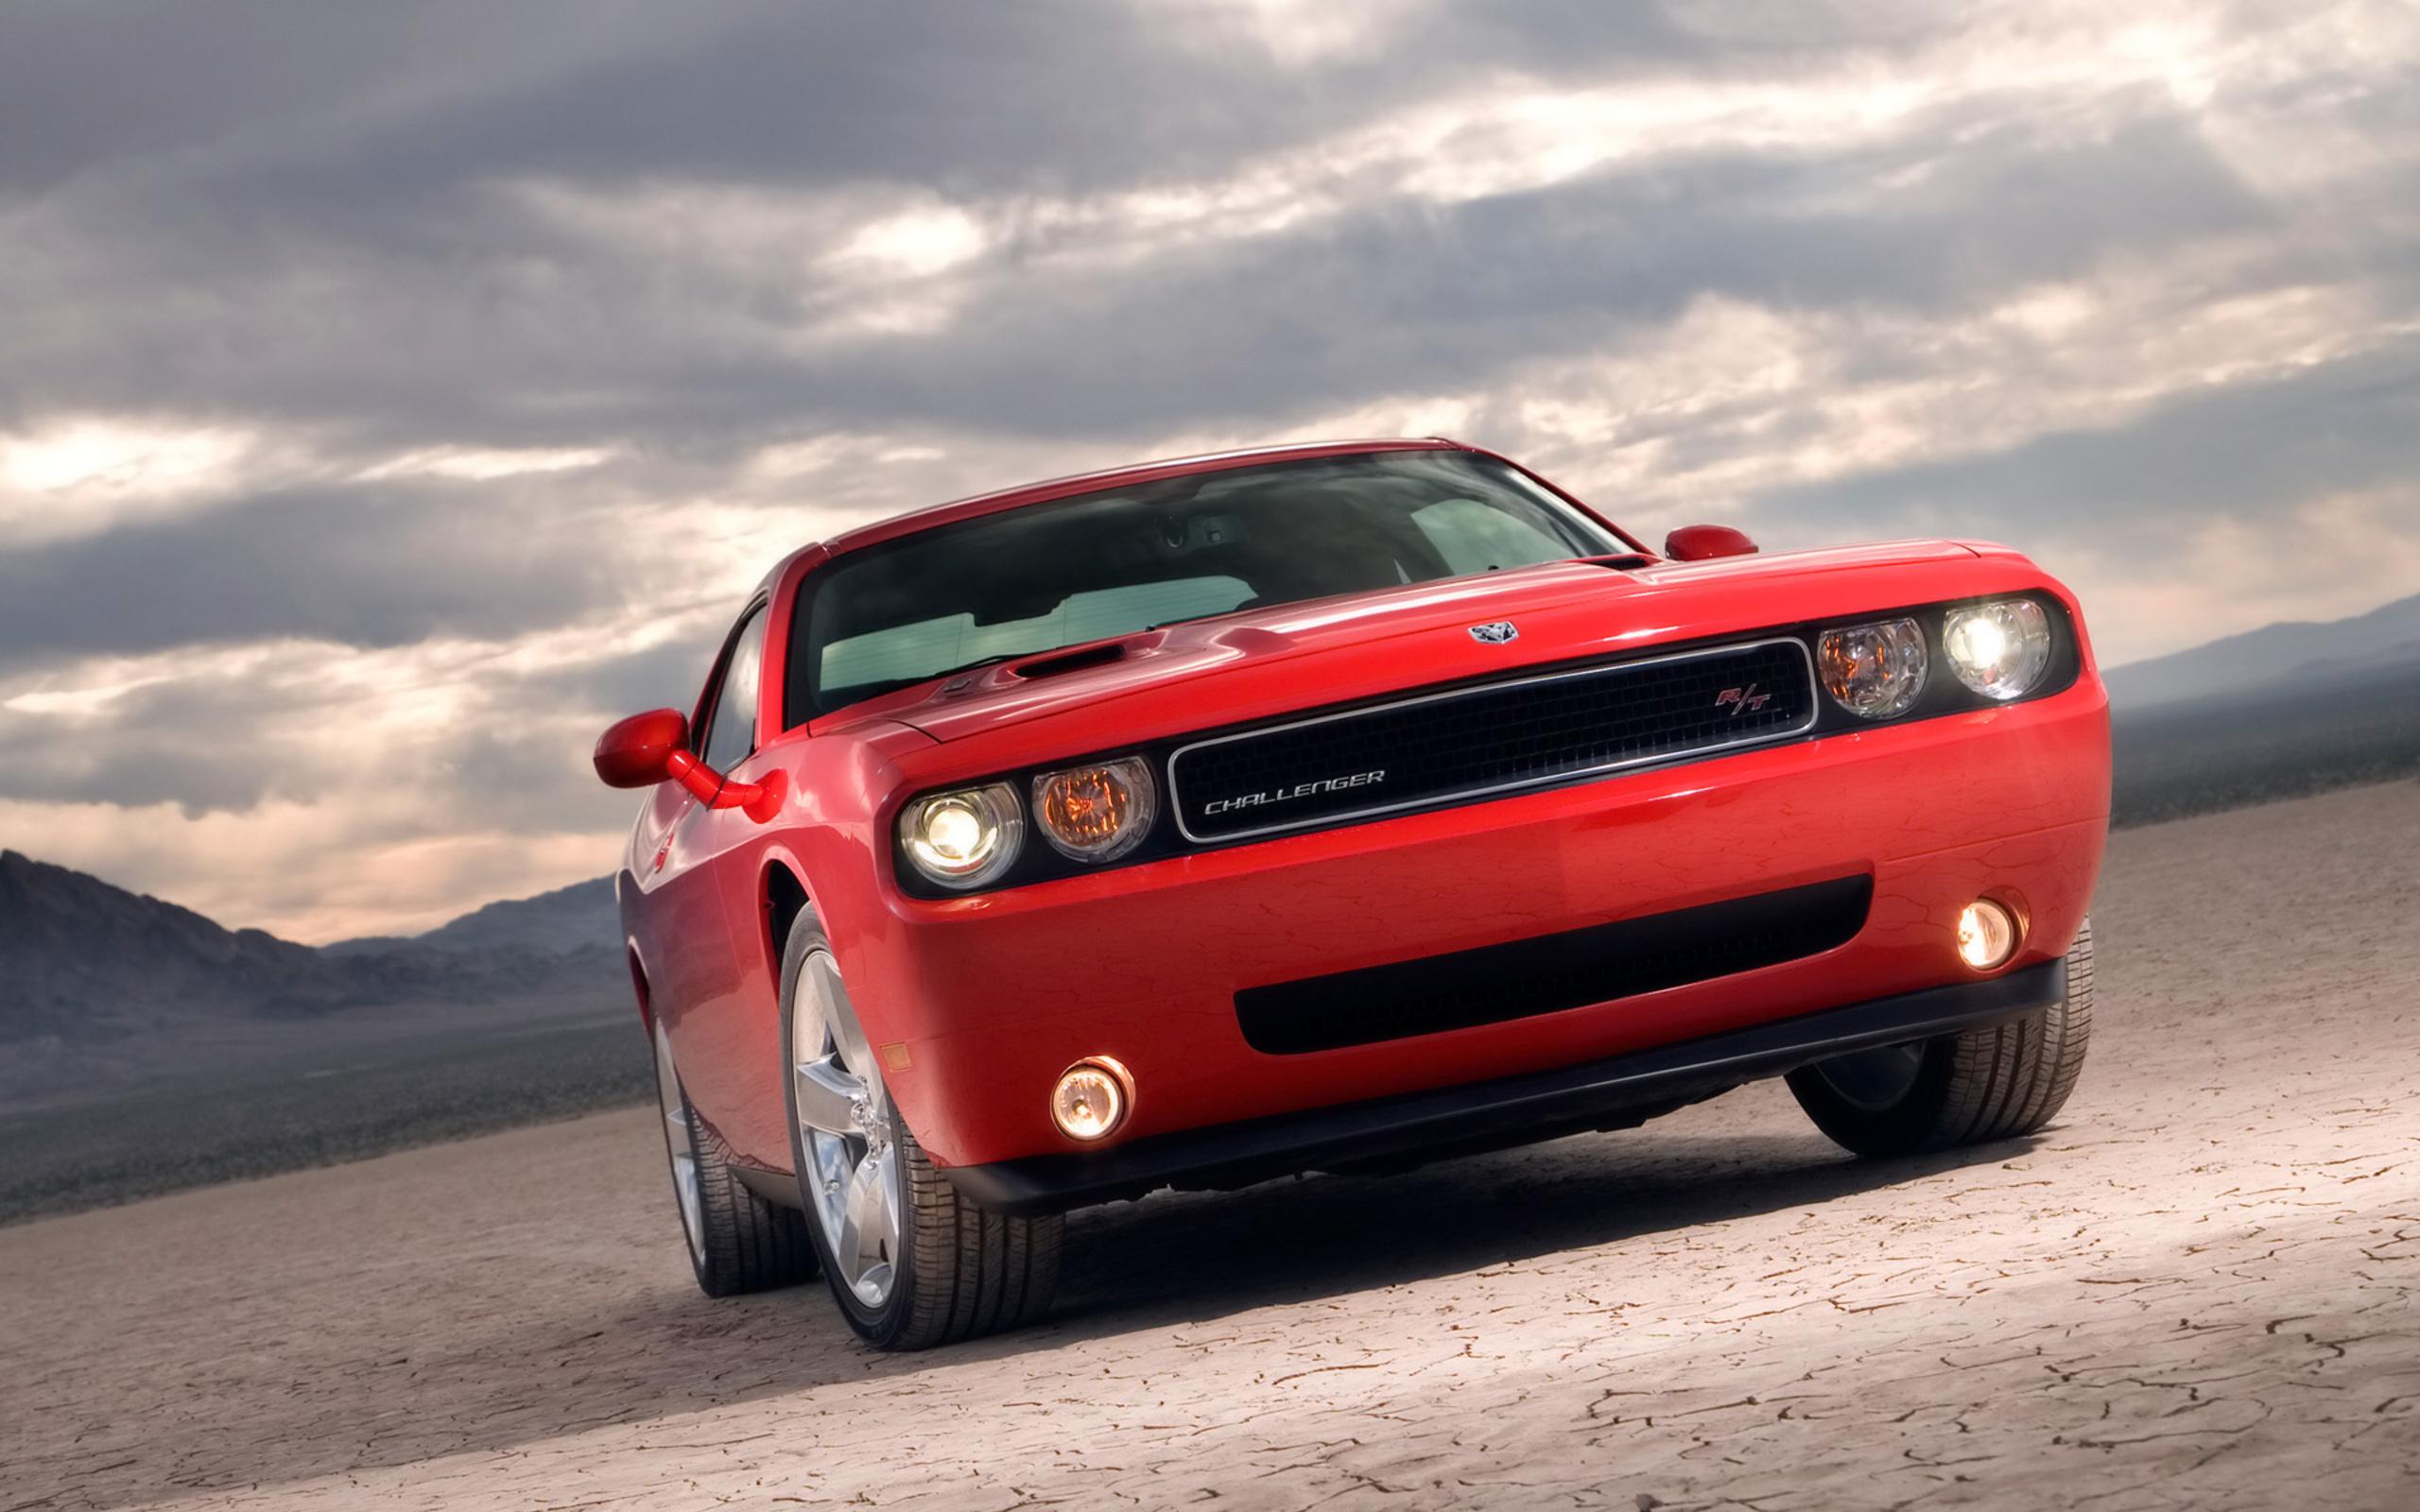 2008 Dodge Challenger desktop wallpaper 2560x1600